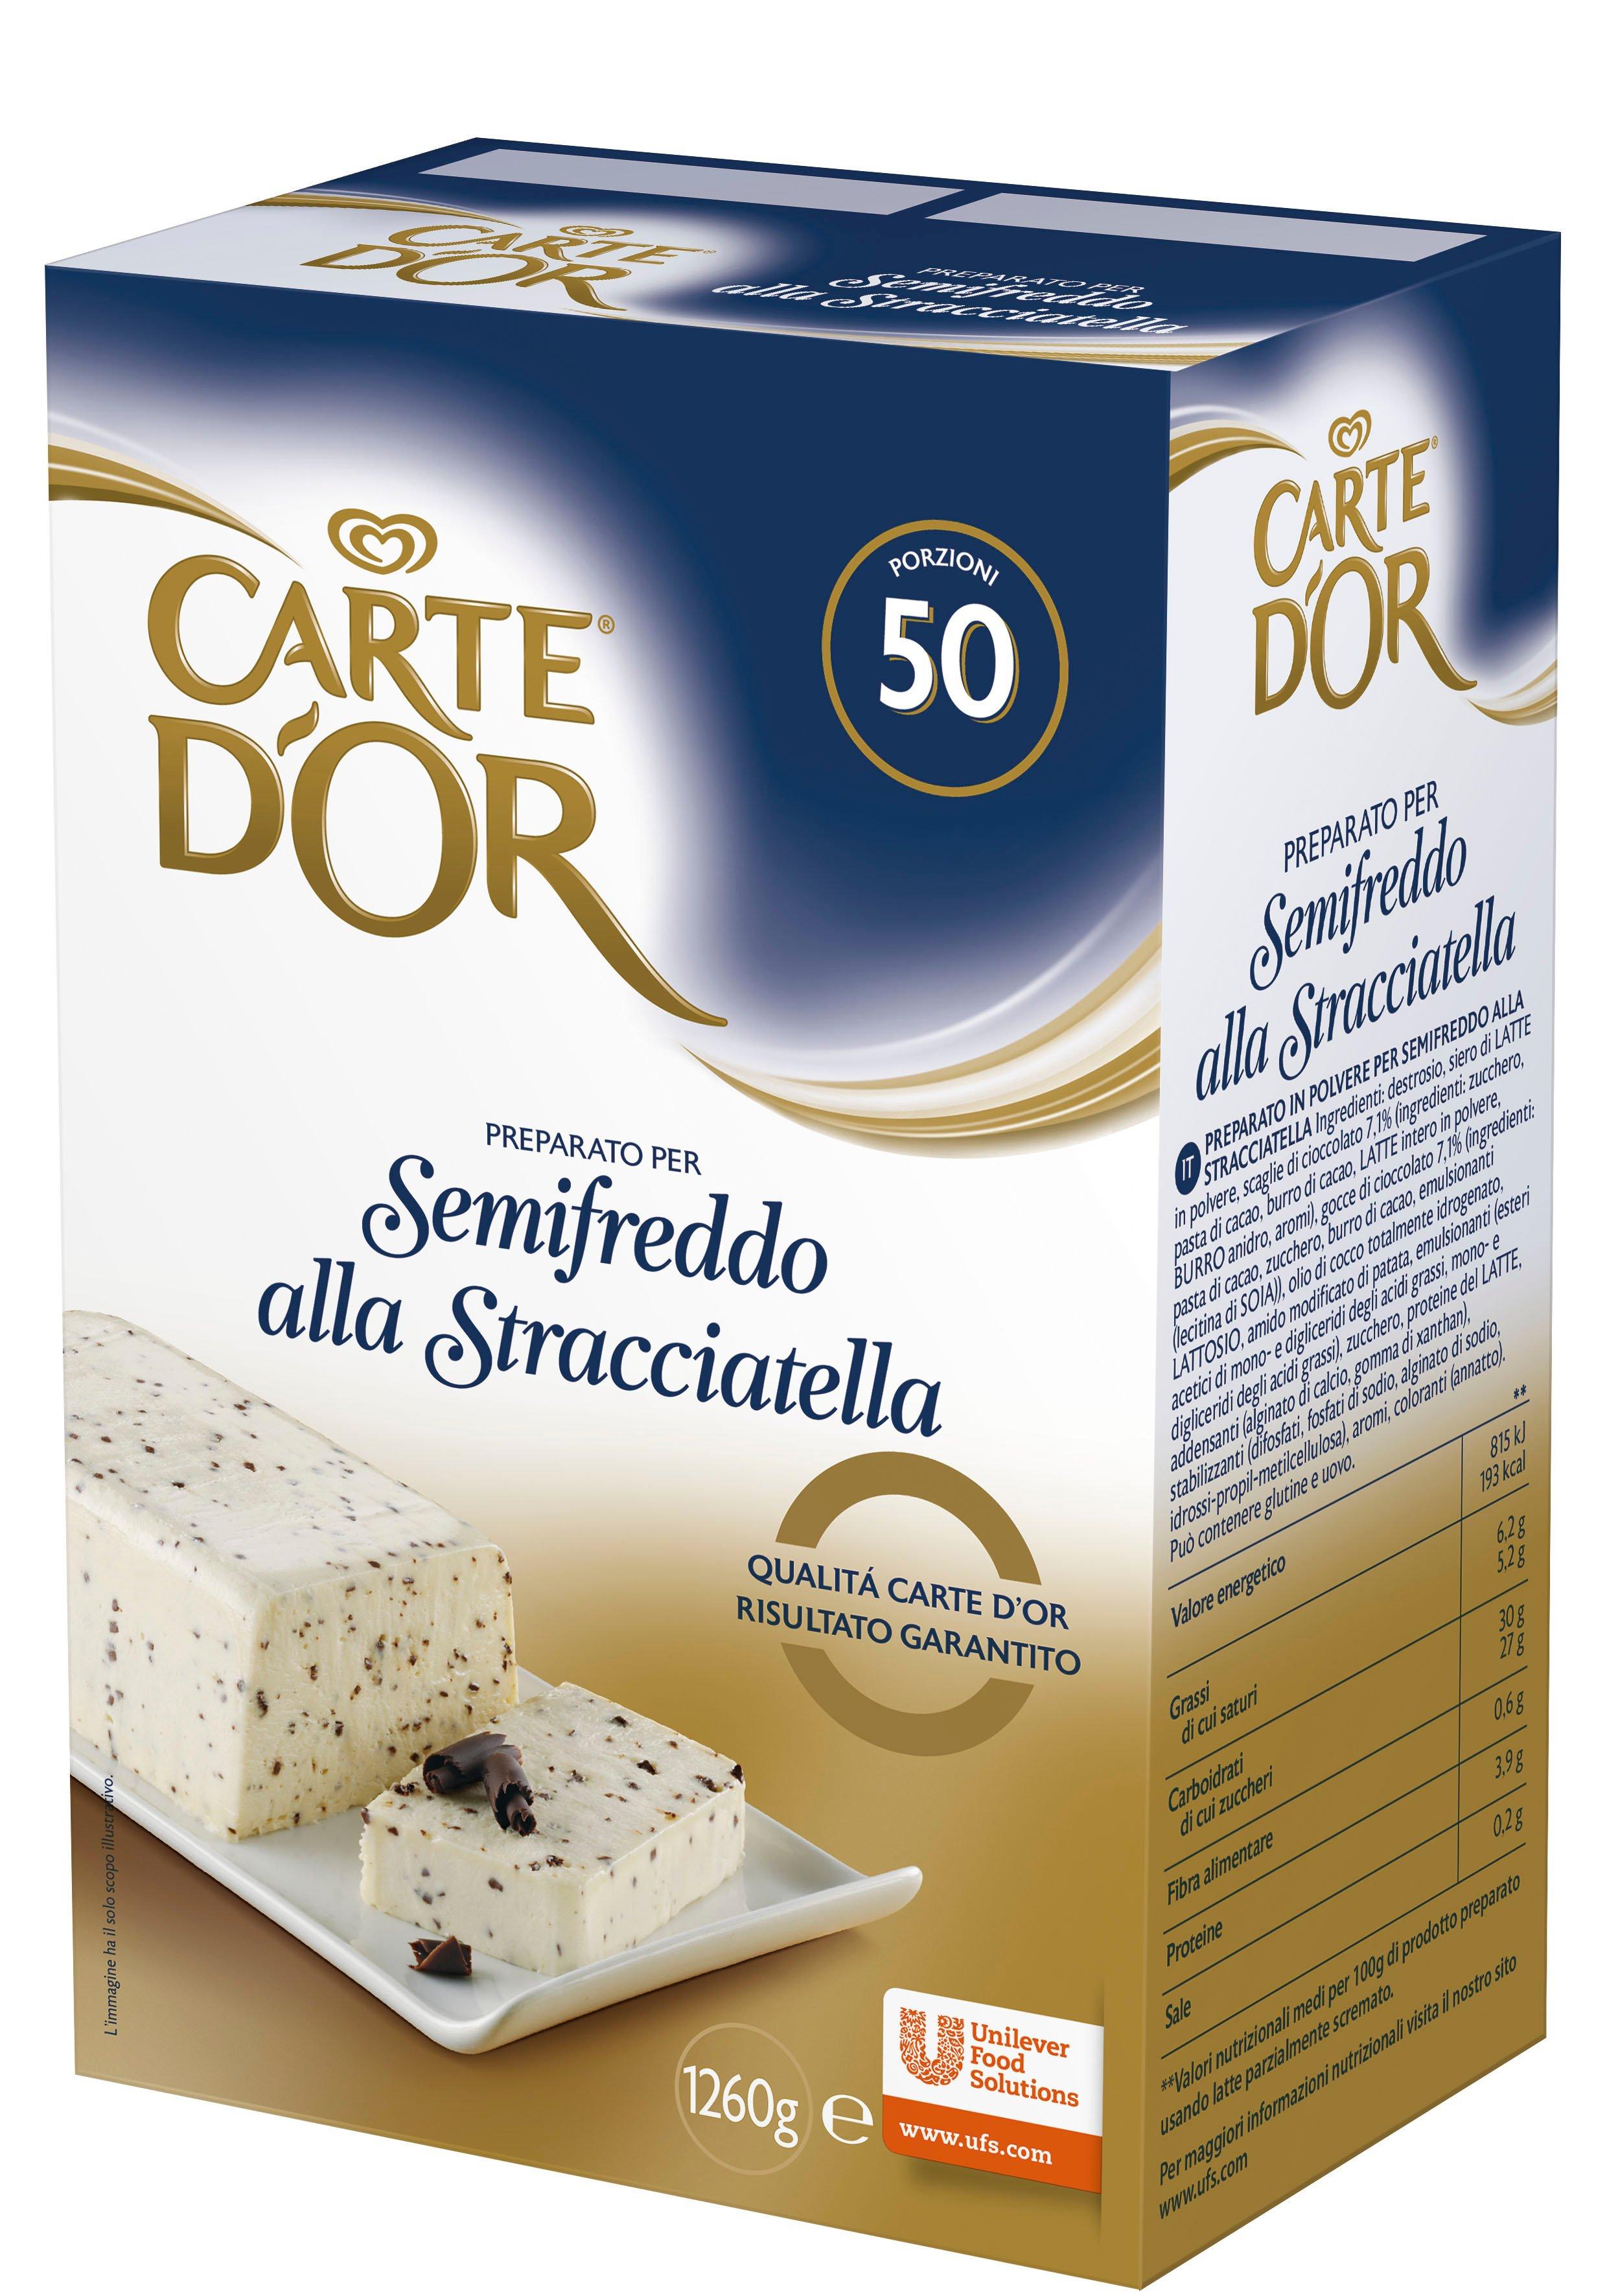 Carte d'Or preparato per Semifreddo alla Stracciatella 1,26 Kg